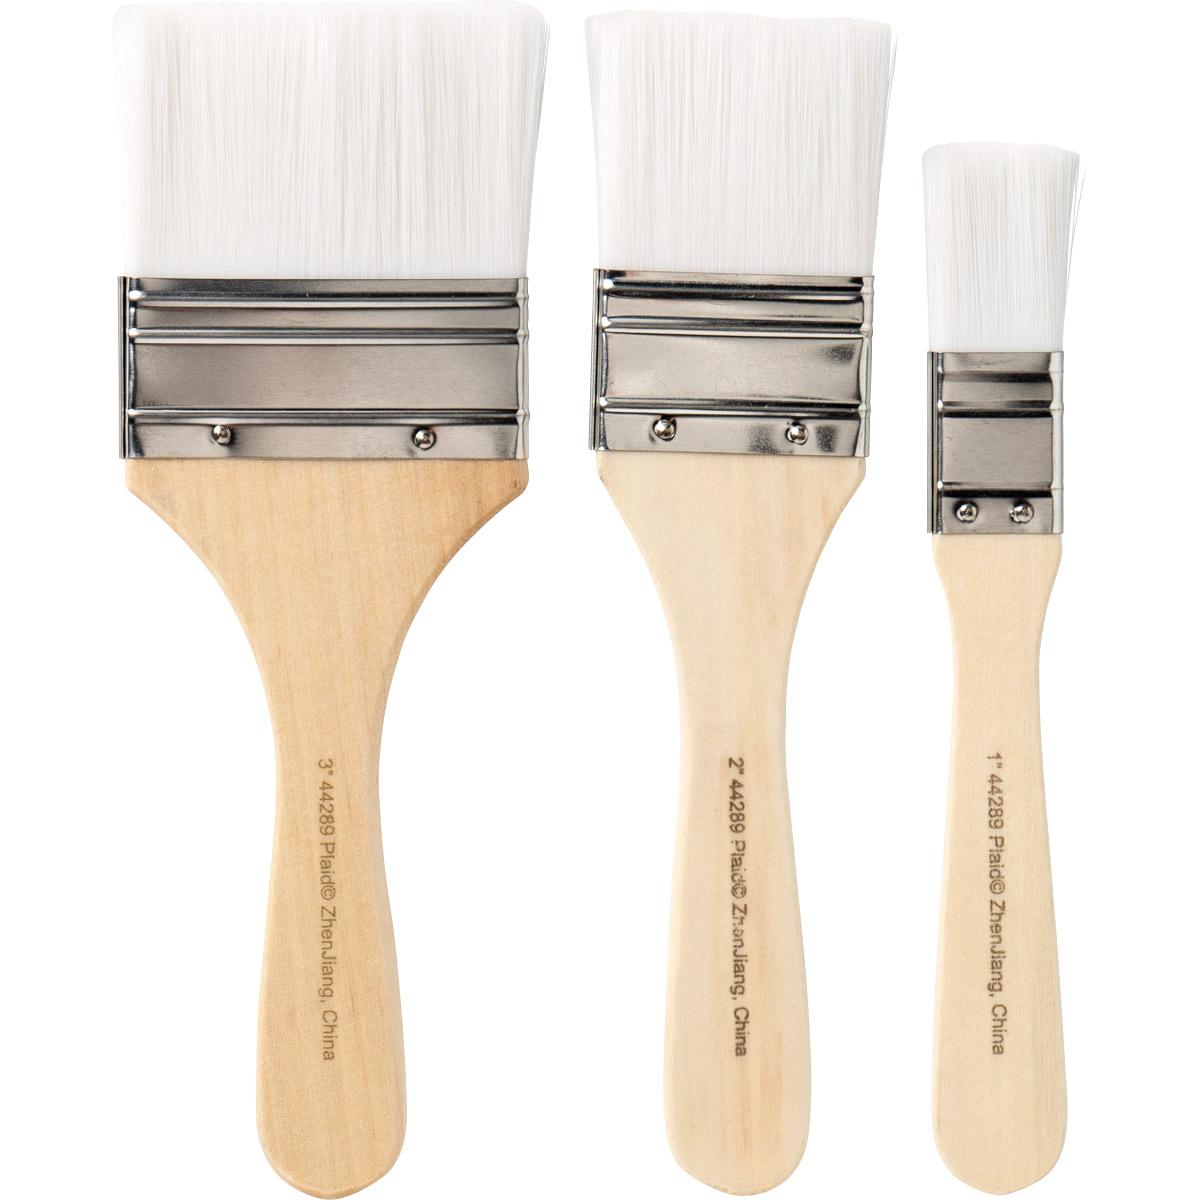 Plaid ® Brush Sets - White Nylon Chip Set - 44289